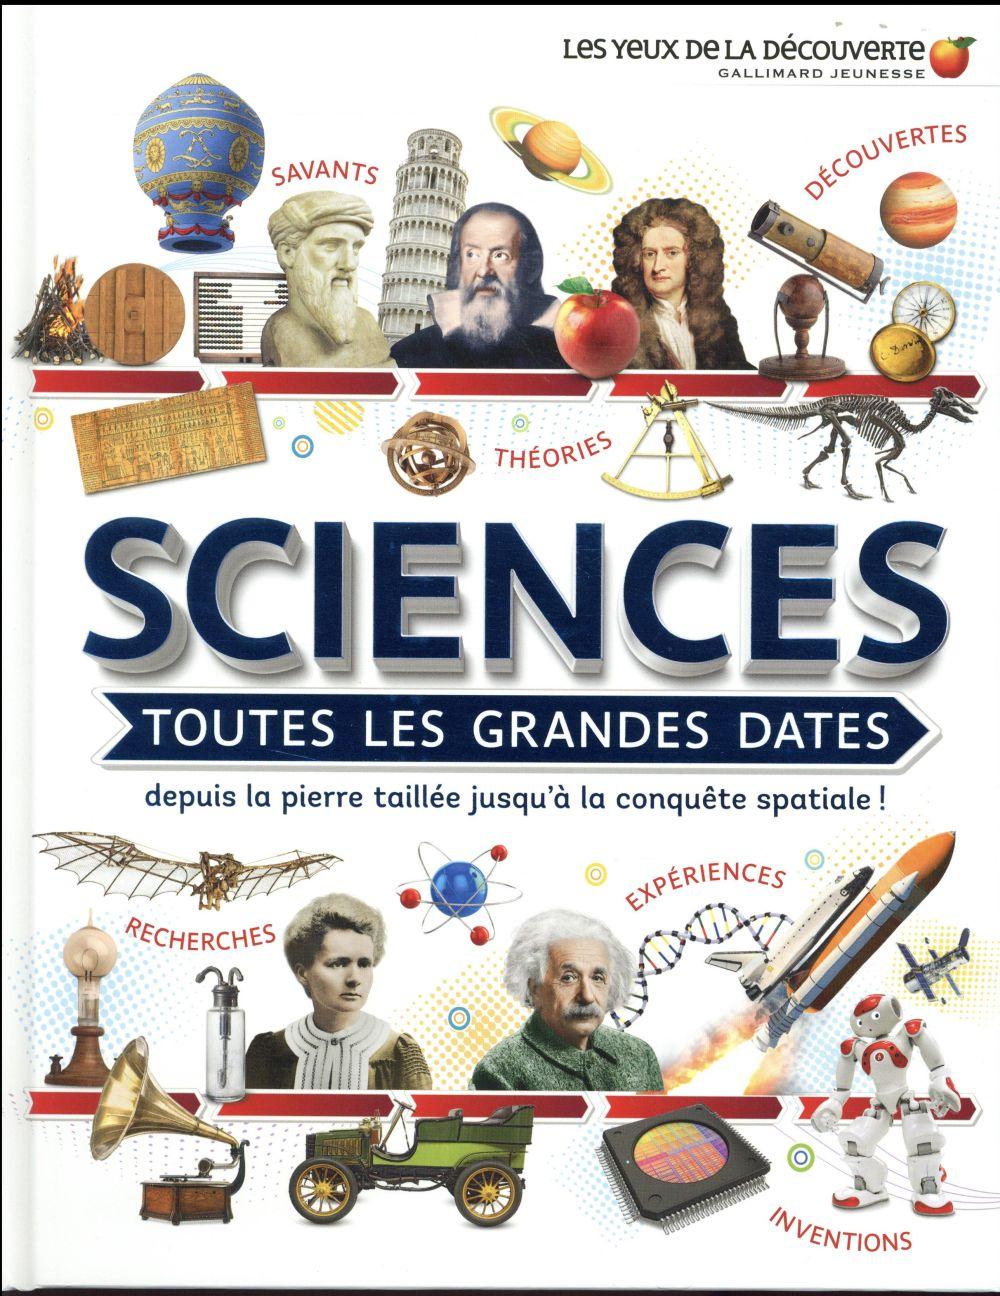 Sciences : toutes les grandes dates, depuis la pierre taillée jusqu'à la conquête spatiale !